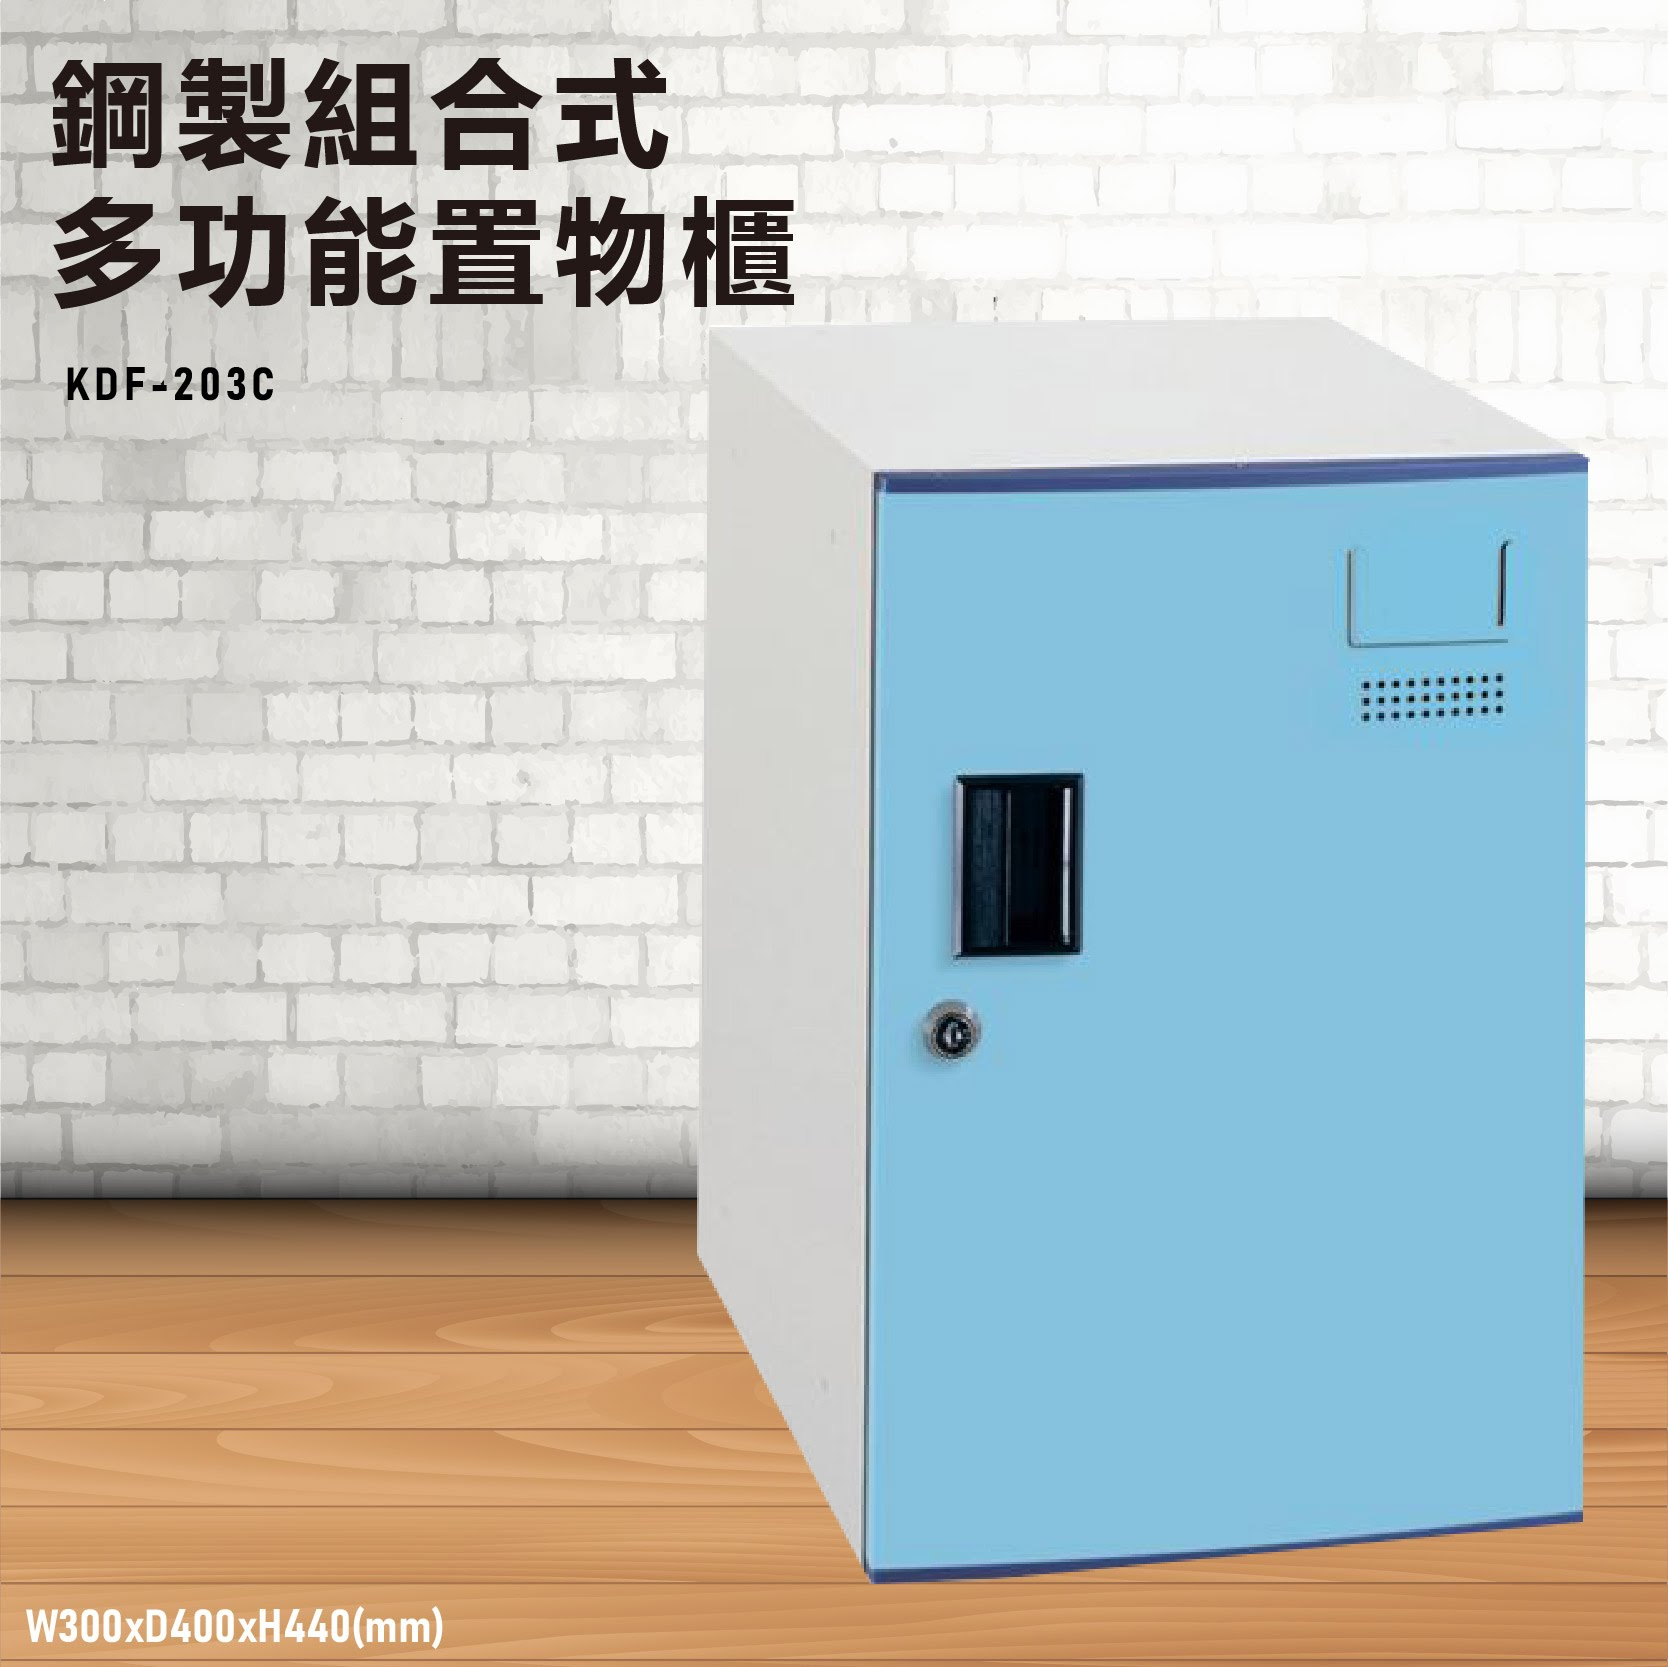 【鑰匙櫃】大富 KDF-203C 多用途鋼製組合式置物櫃~可換購密碼鎖 收納櫃 更衣櫃 衣櫃 鞋櫃 存放 員工宿舍